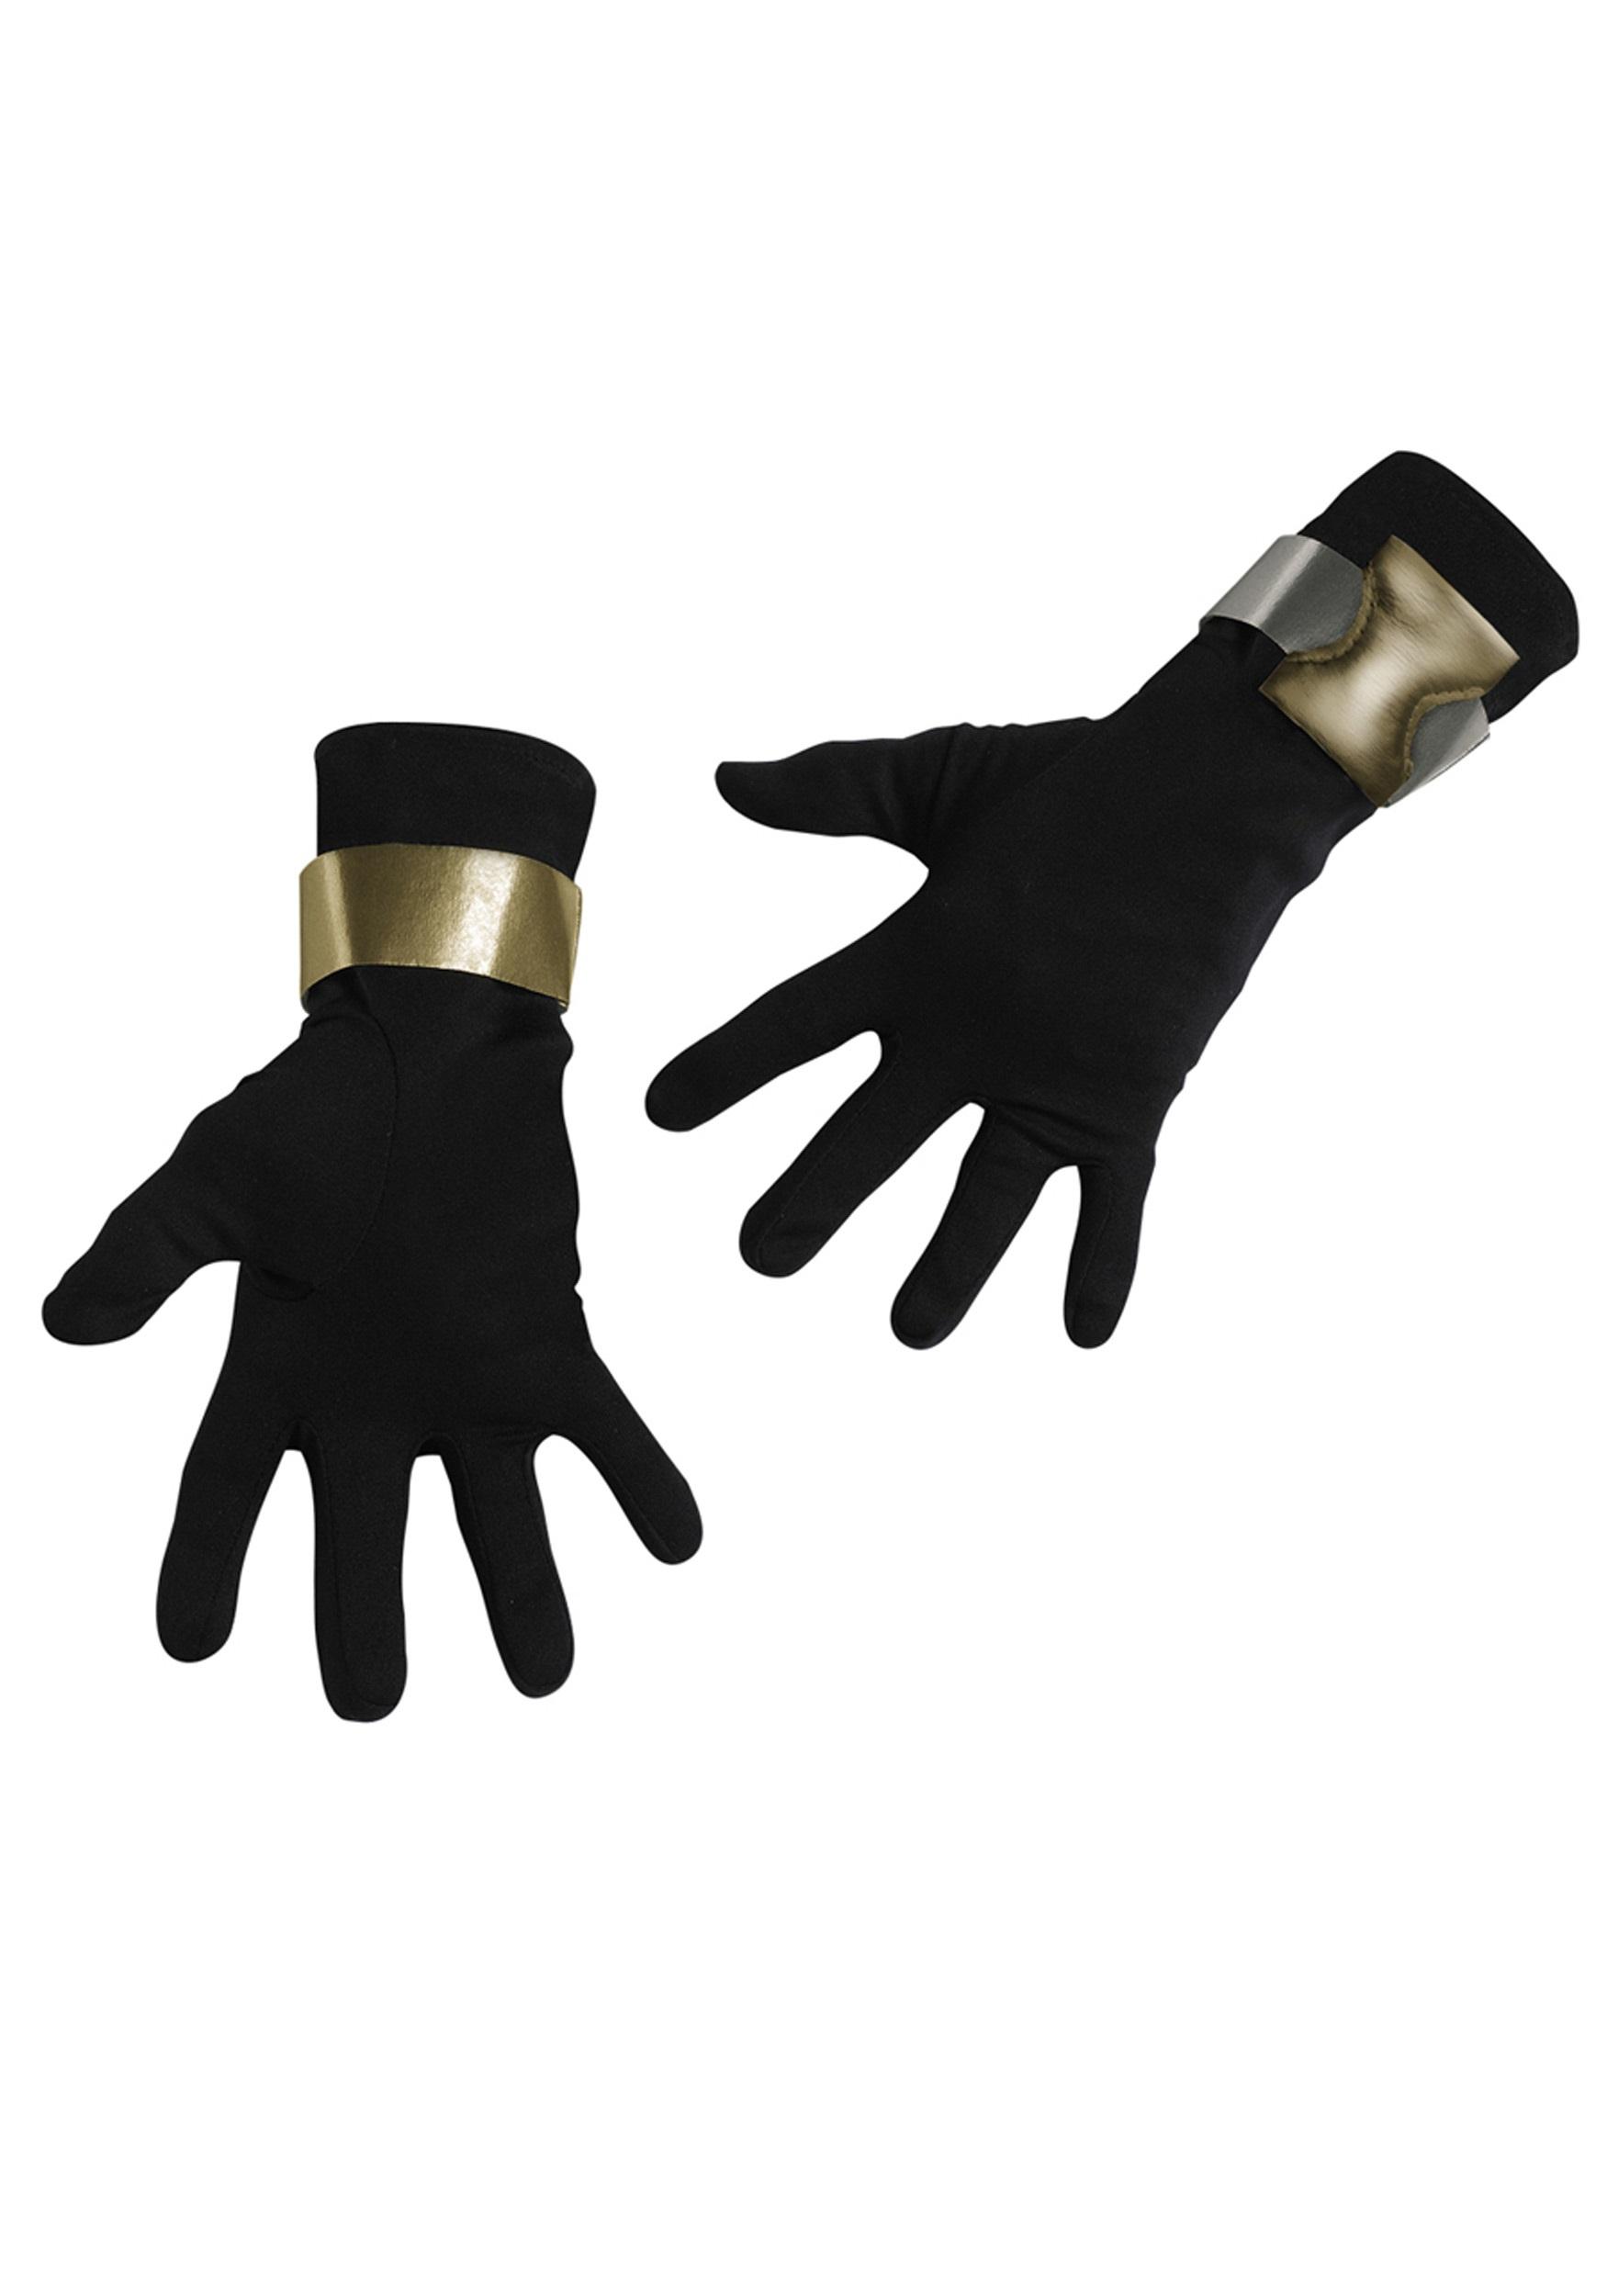 Deluxe Kids Snake Eyes Gloves  sc 1 st  Halloween Costumes & Deluxe Kids Snake Eyes Gloves - Halloween Costumes